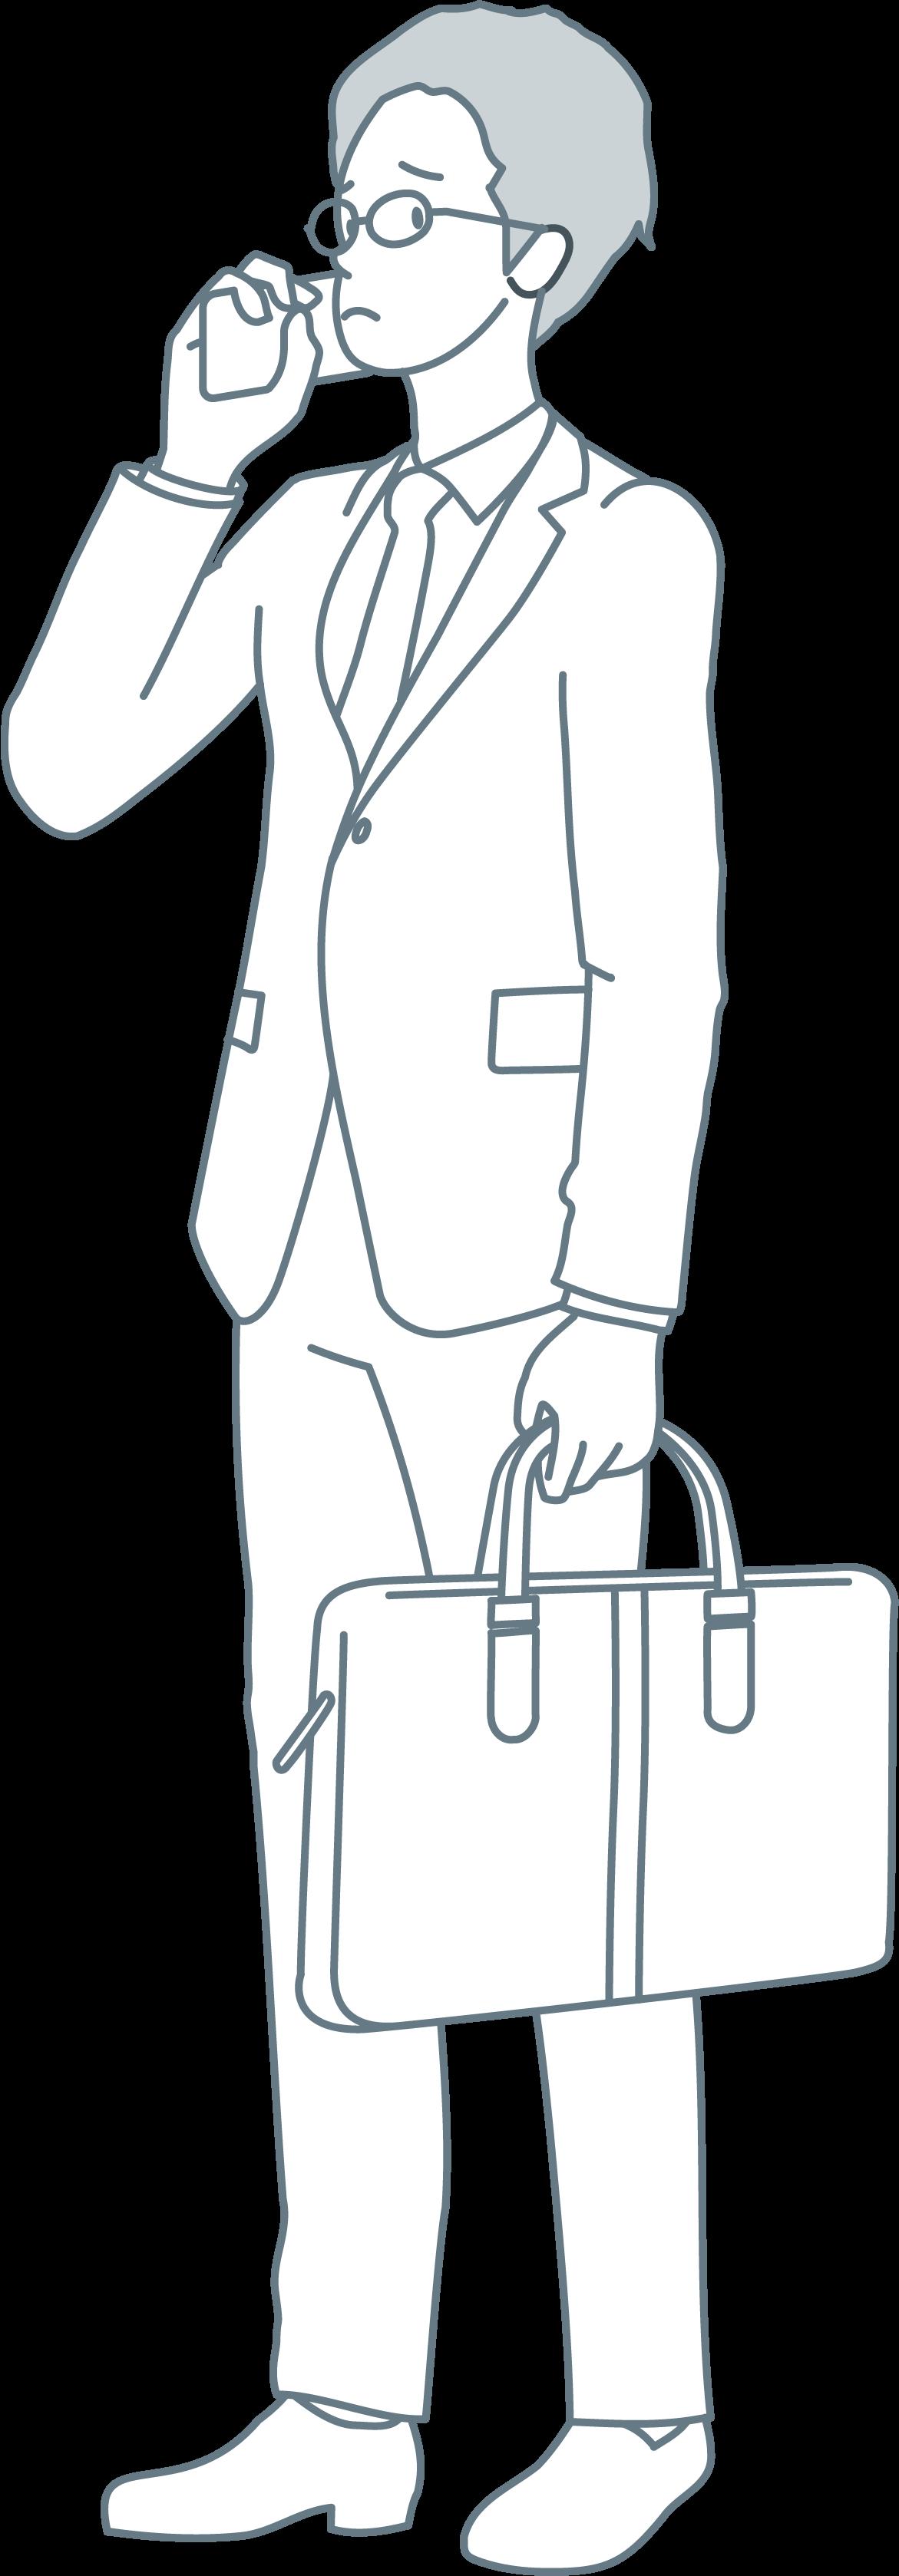 contrfinder-illustration__people-problem-2